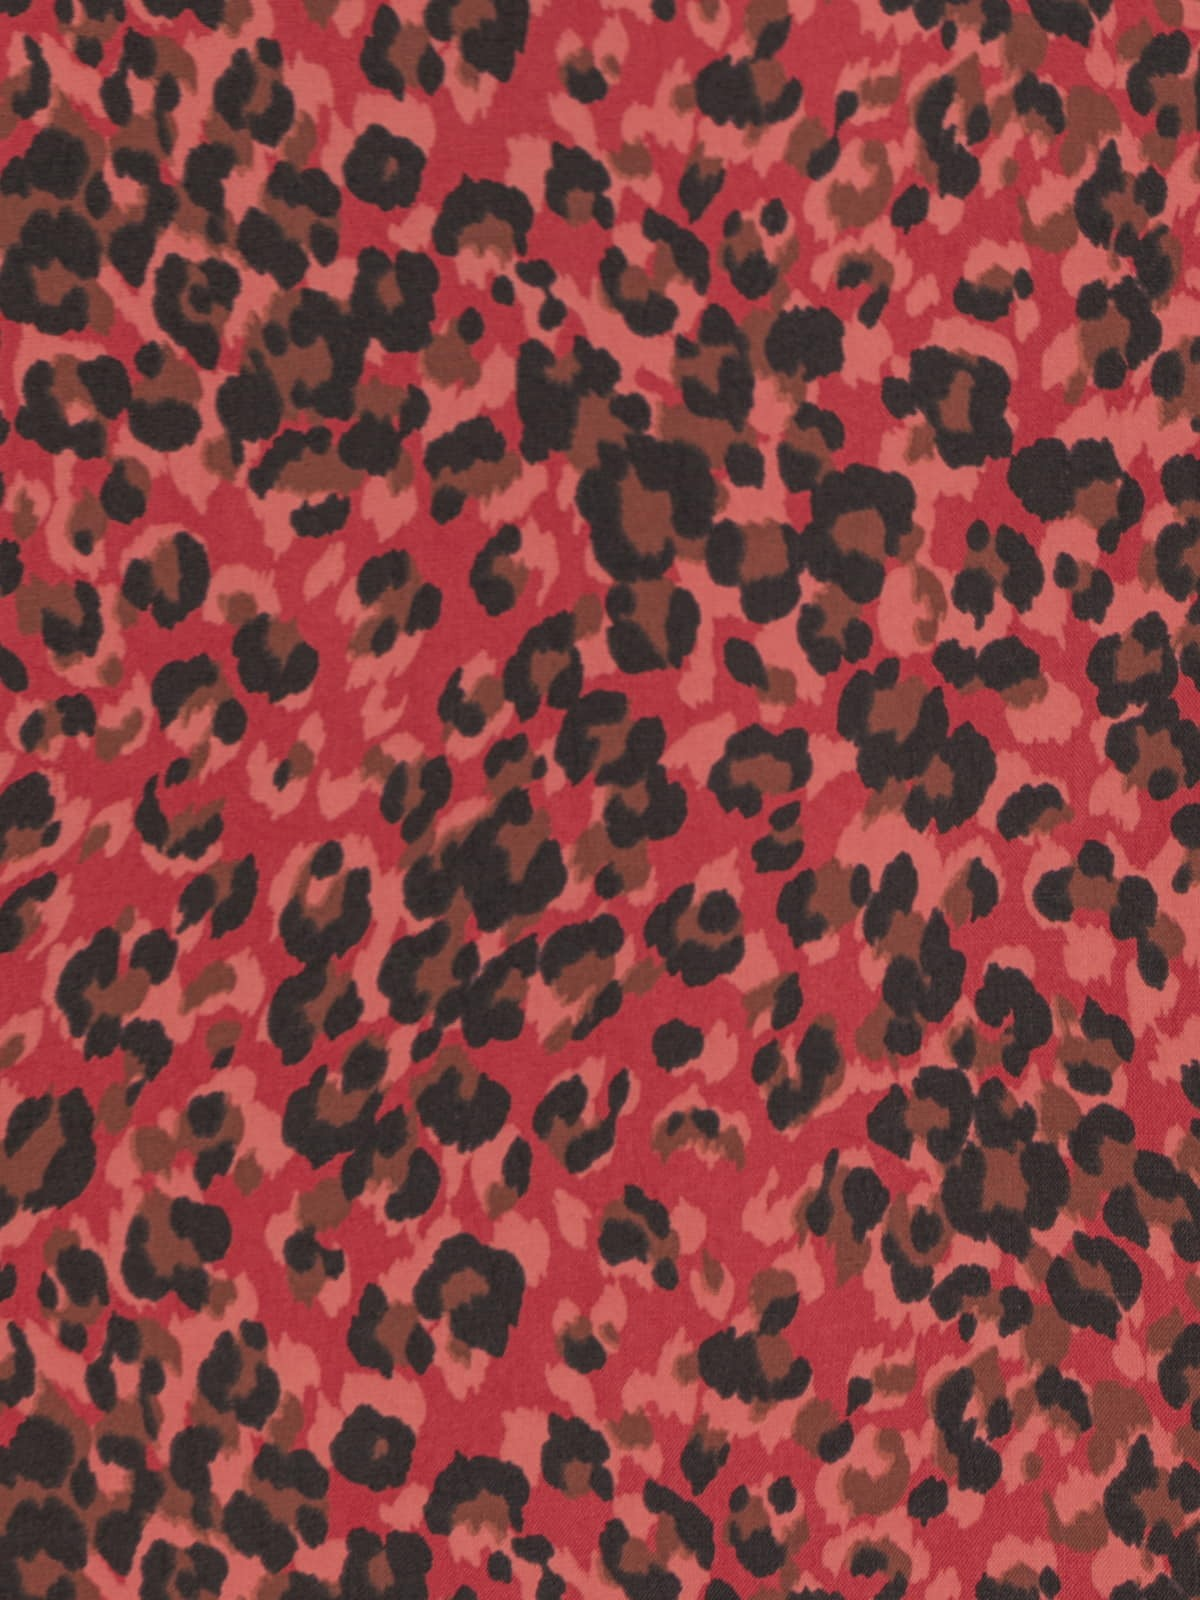 Woman Tiny animal print shirt Red